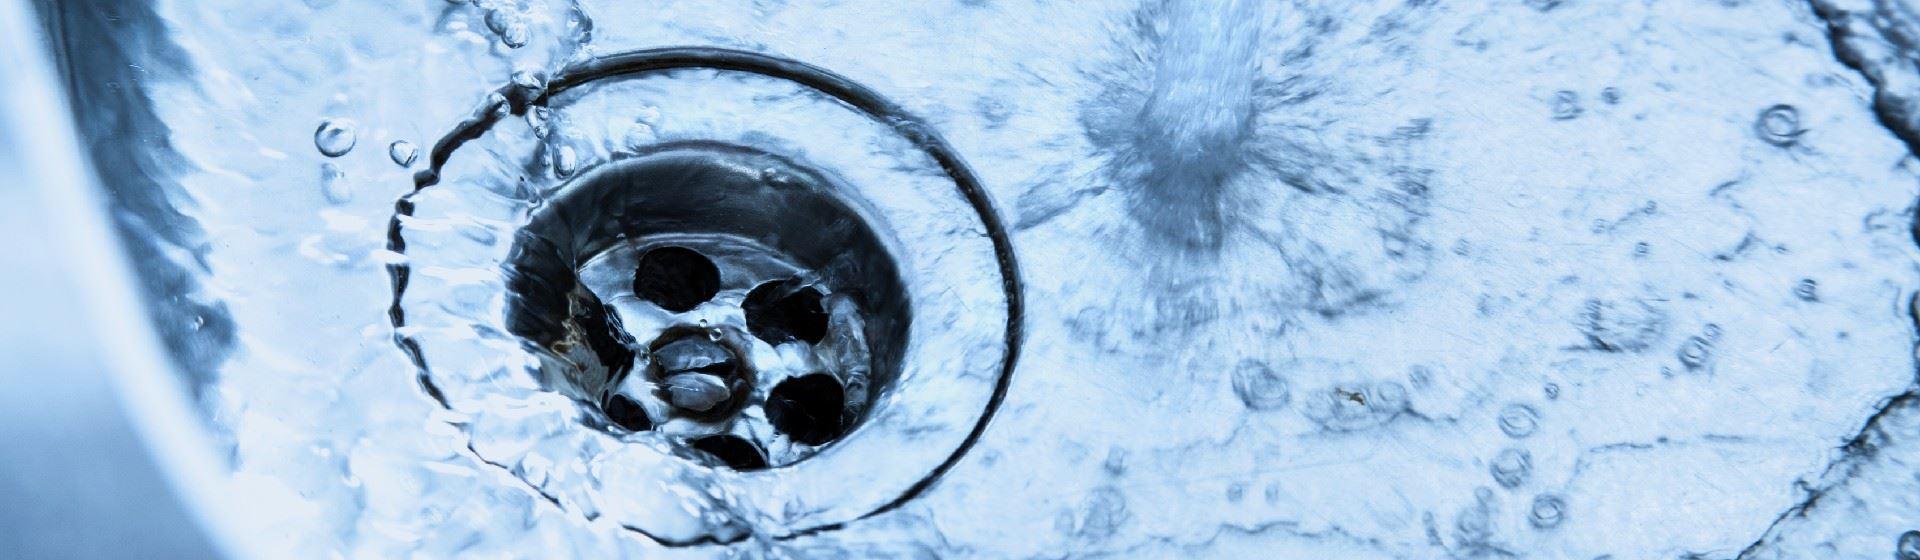 Waterbesparing bij Zwitserleven